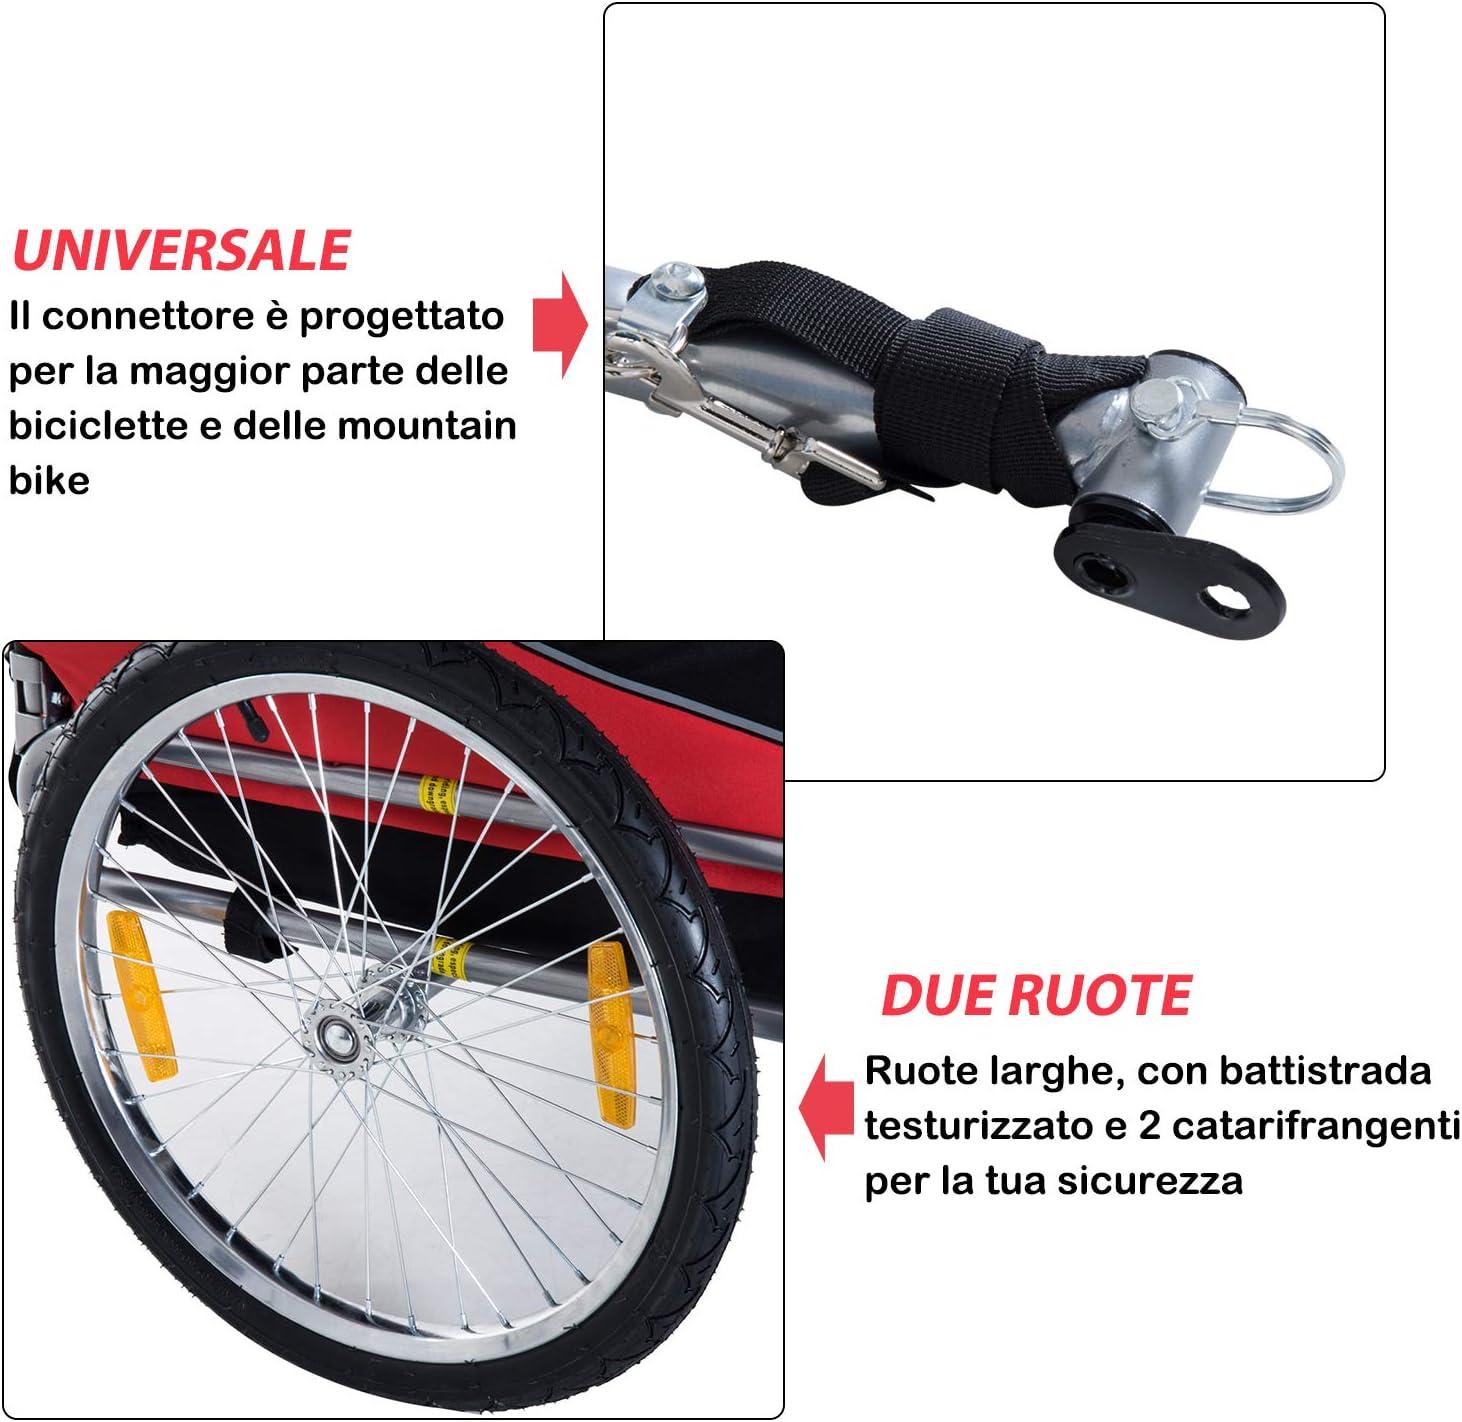 LOVEYue 18Pcs 251mm-269mm Raggi in Acciaio per Biciclette da Montagna Accessori per Ruote da Bici con Tappi Accessori per Bici Perfetti